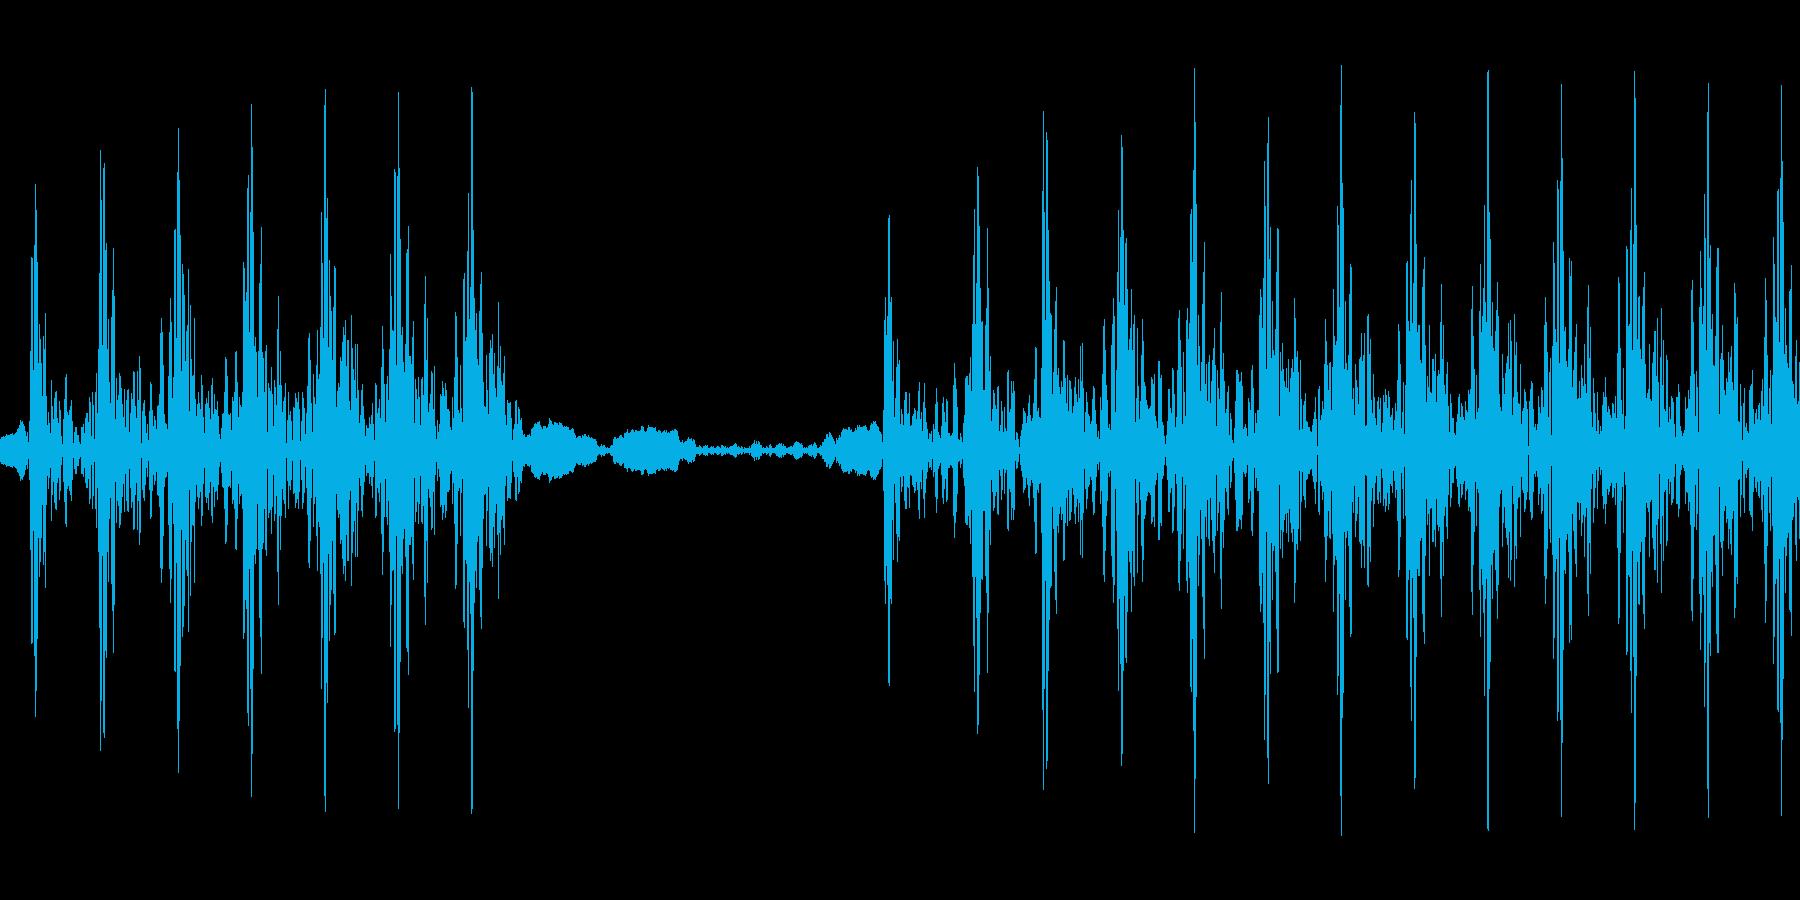 不正解音の再生済みの波形